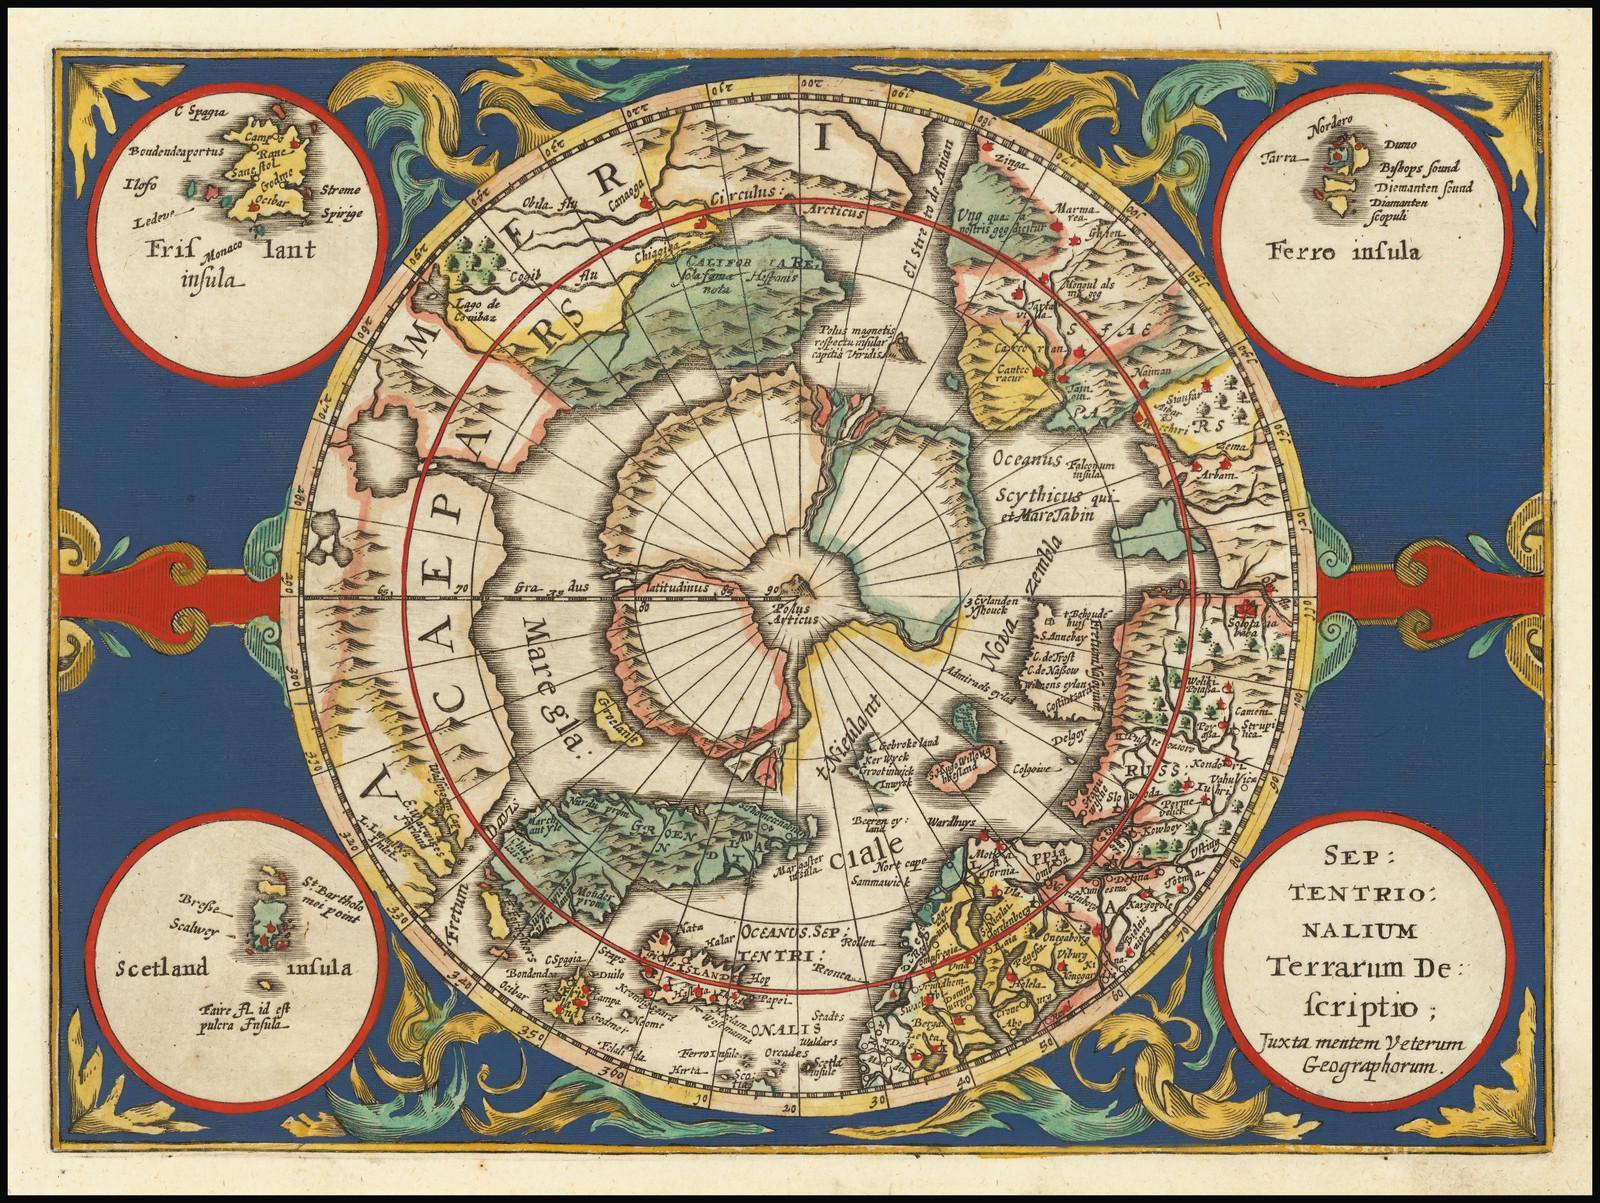 Карта северных полярных областей 17 века Жерара Меркатора с мифическим островом Фрисландия